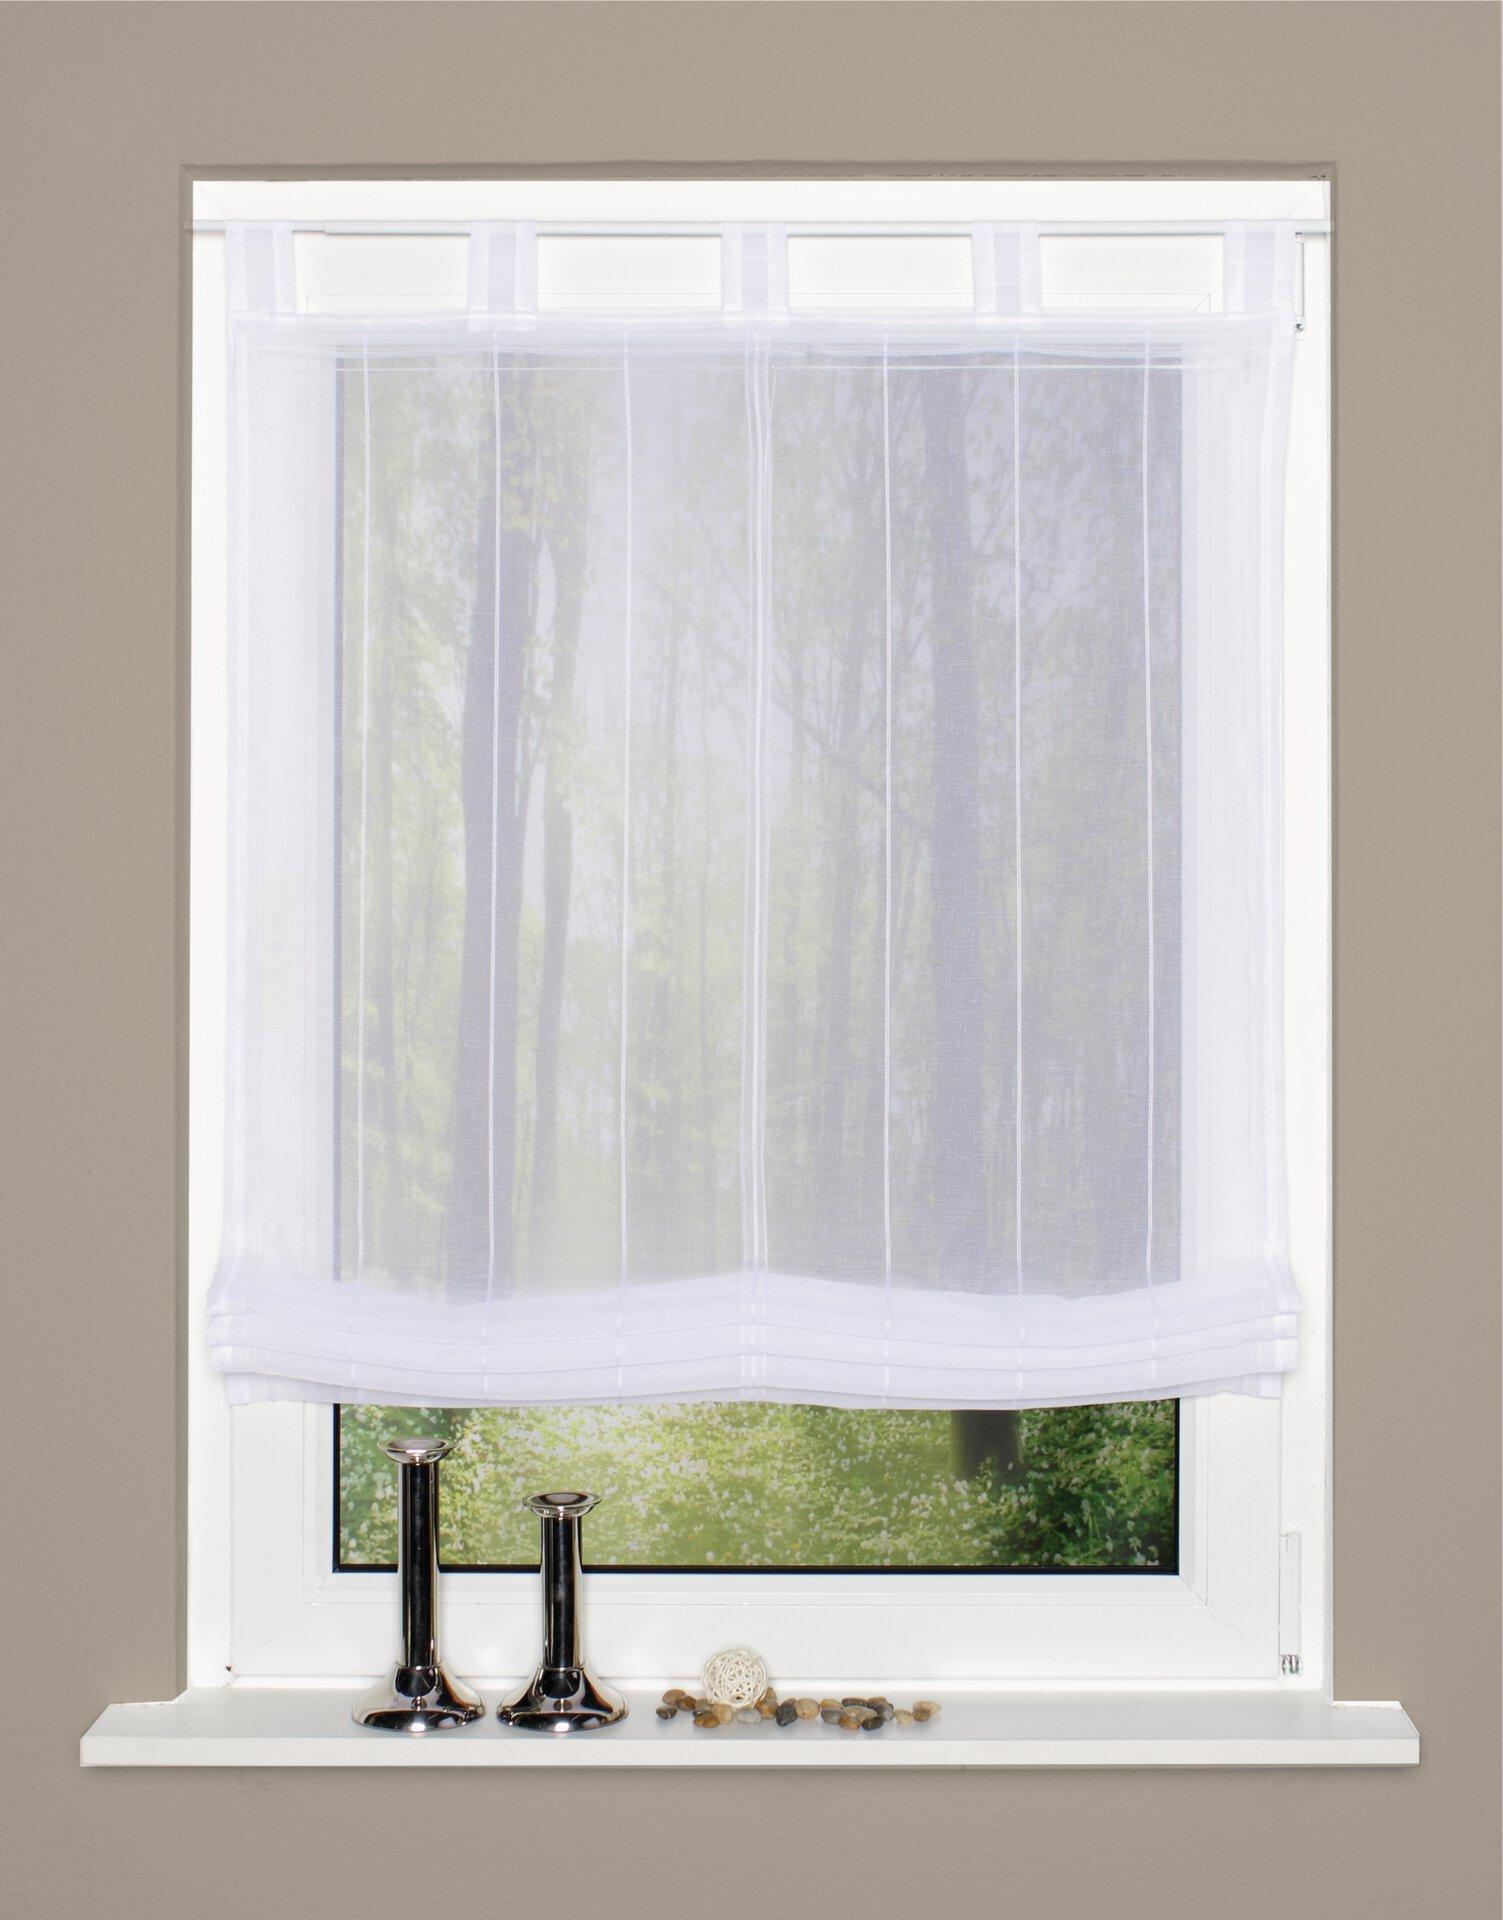 Schlaufenrollo Home Wohnideen Textil weiß 100 x 140 cm